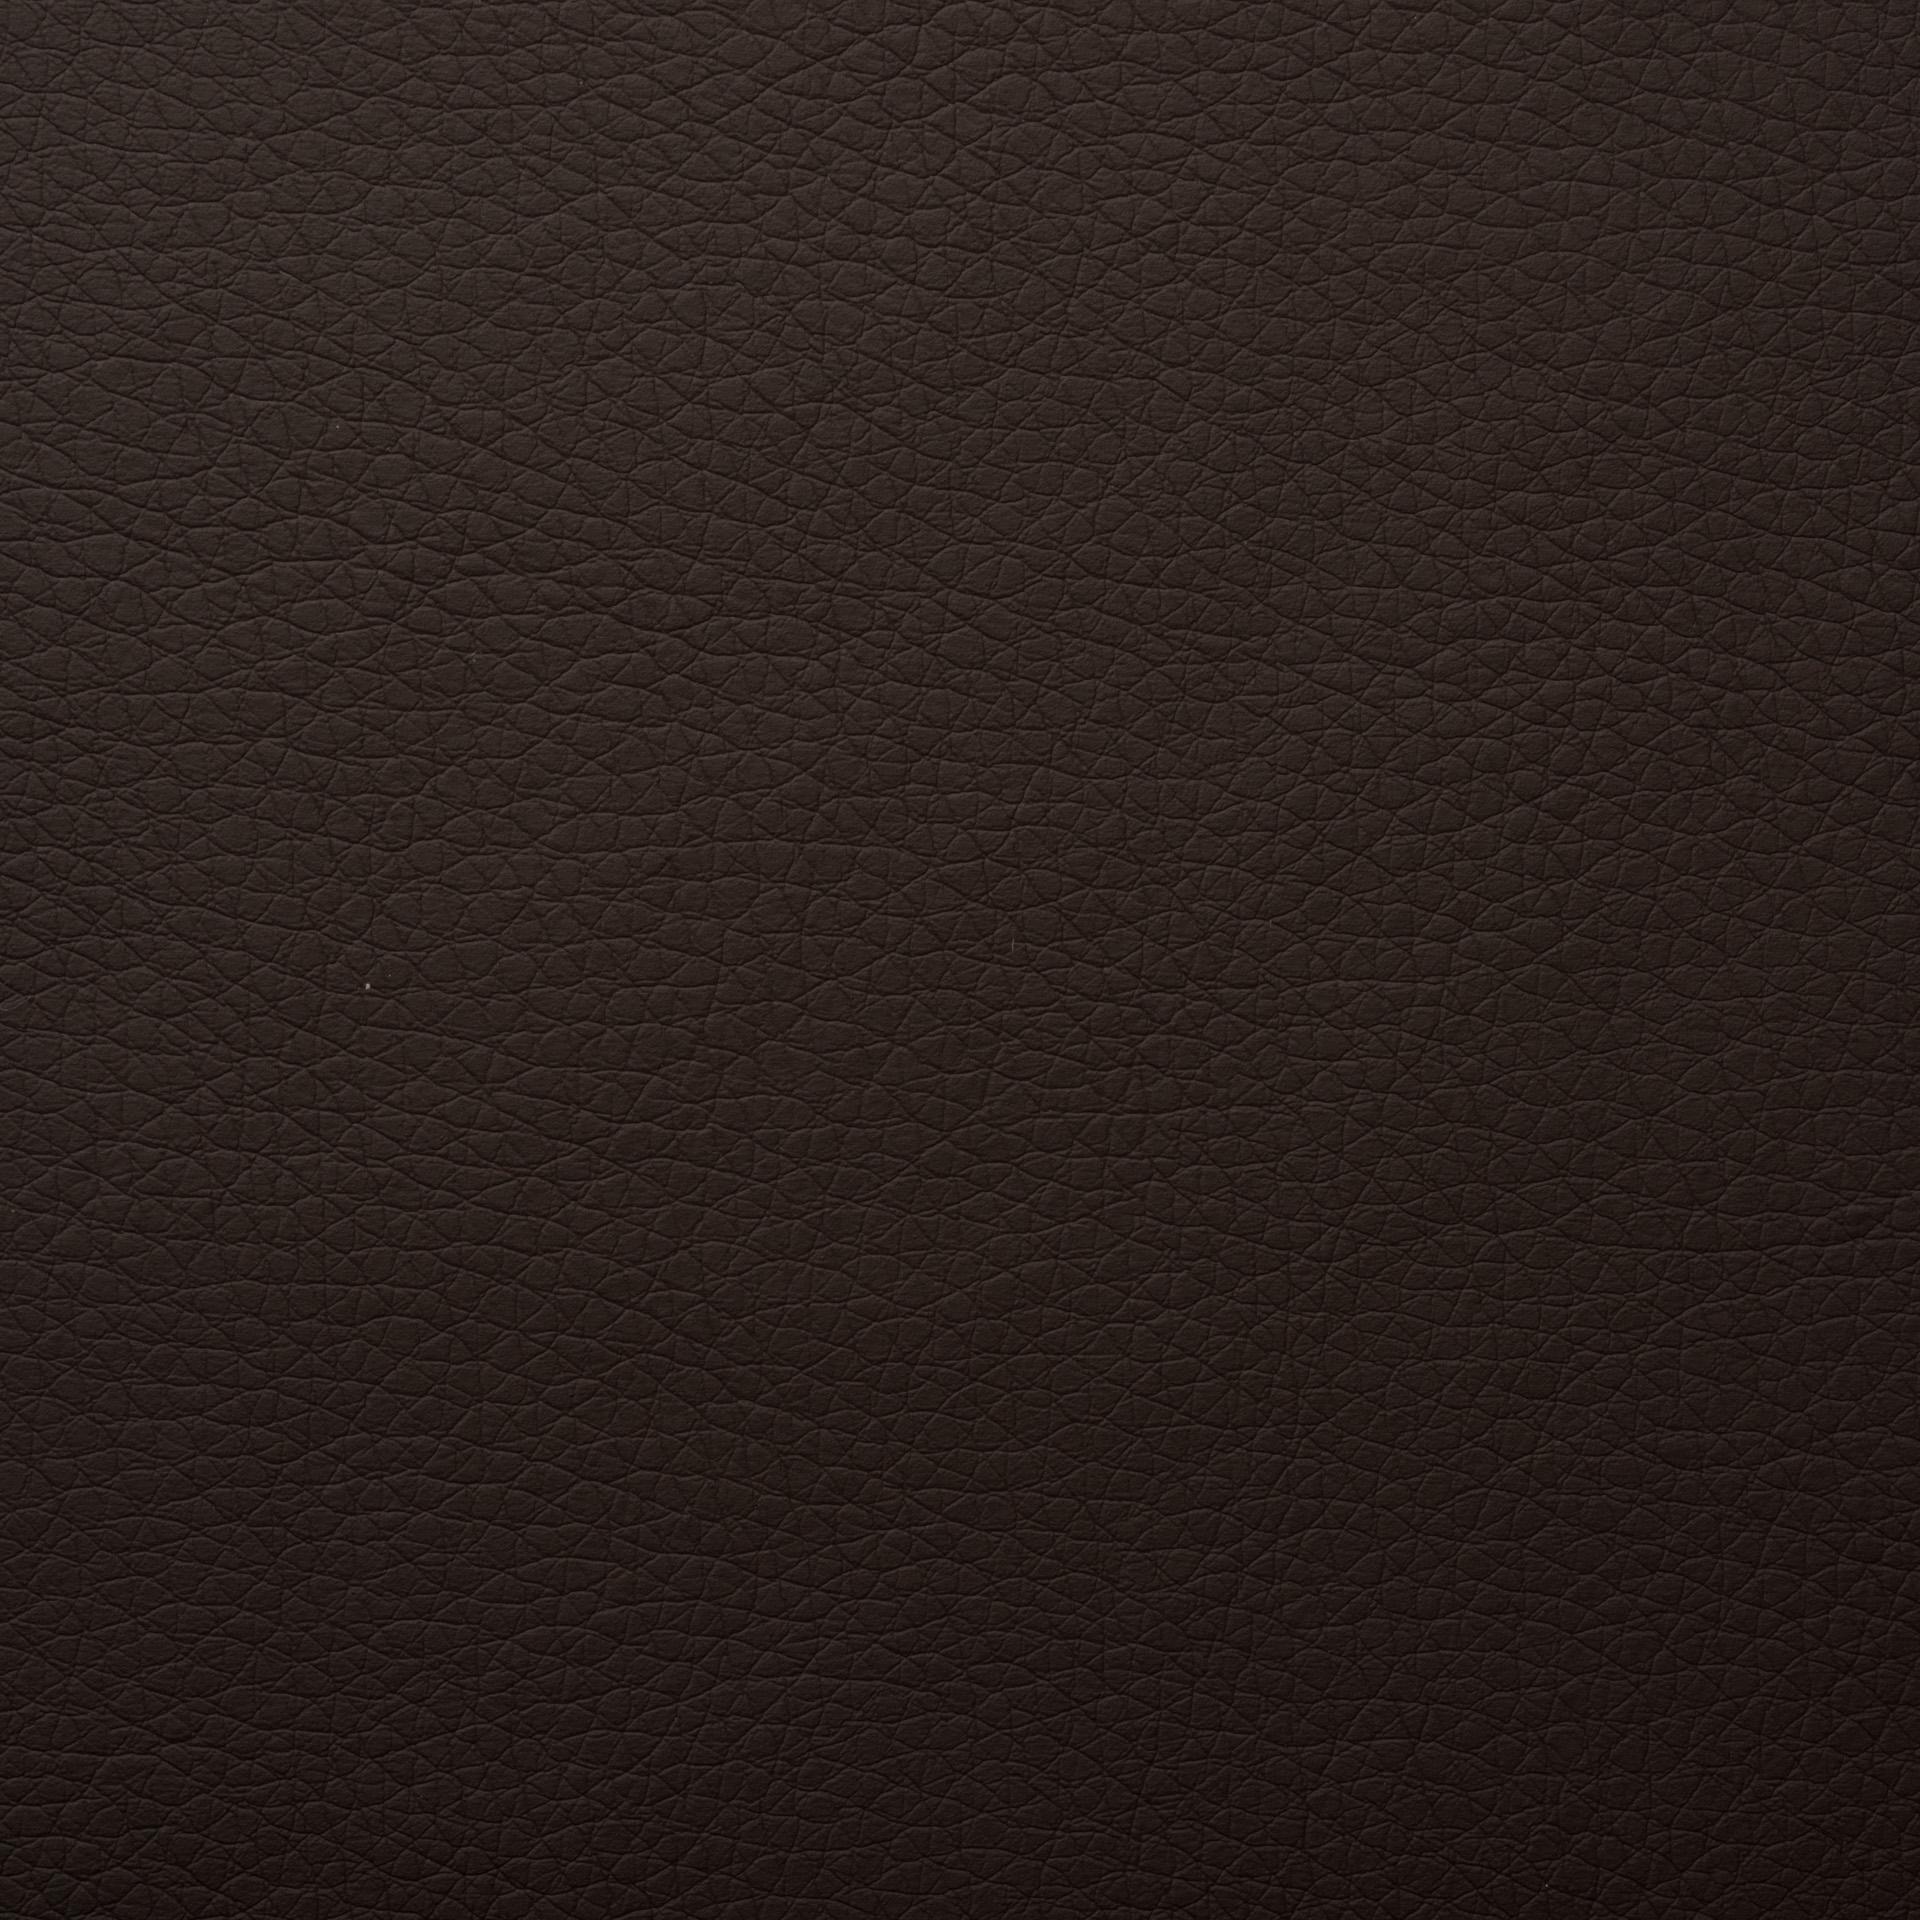 Коллекция ткани Флай 8823,  купить ткань Кож зам для мебели Украина